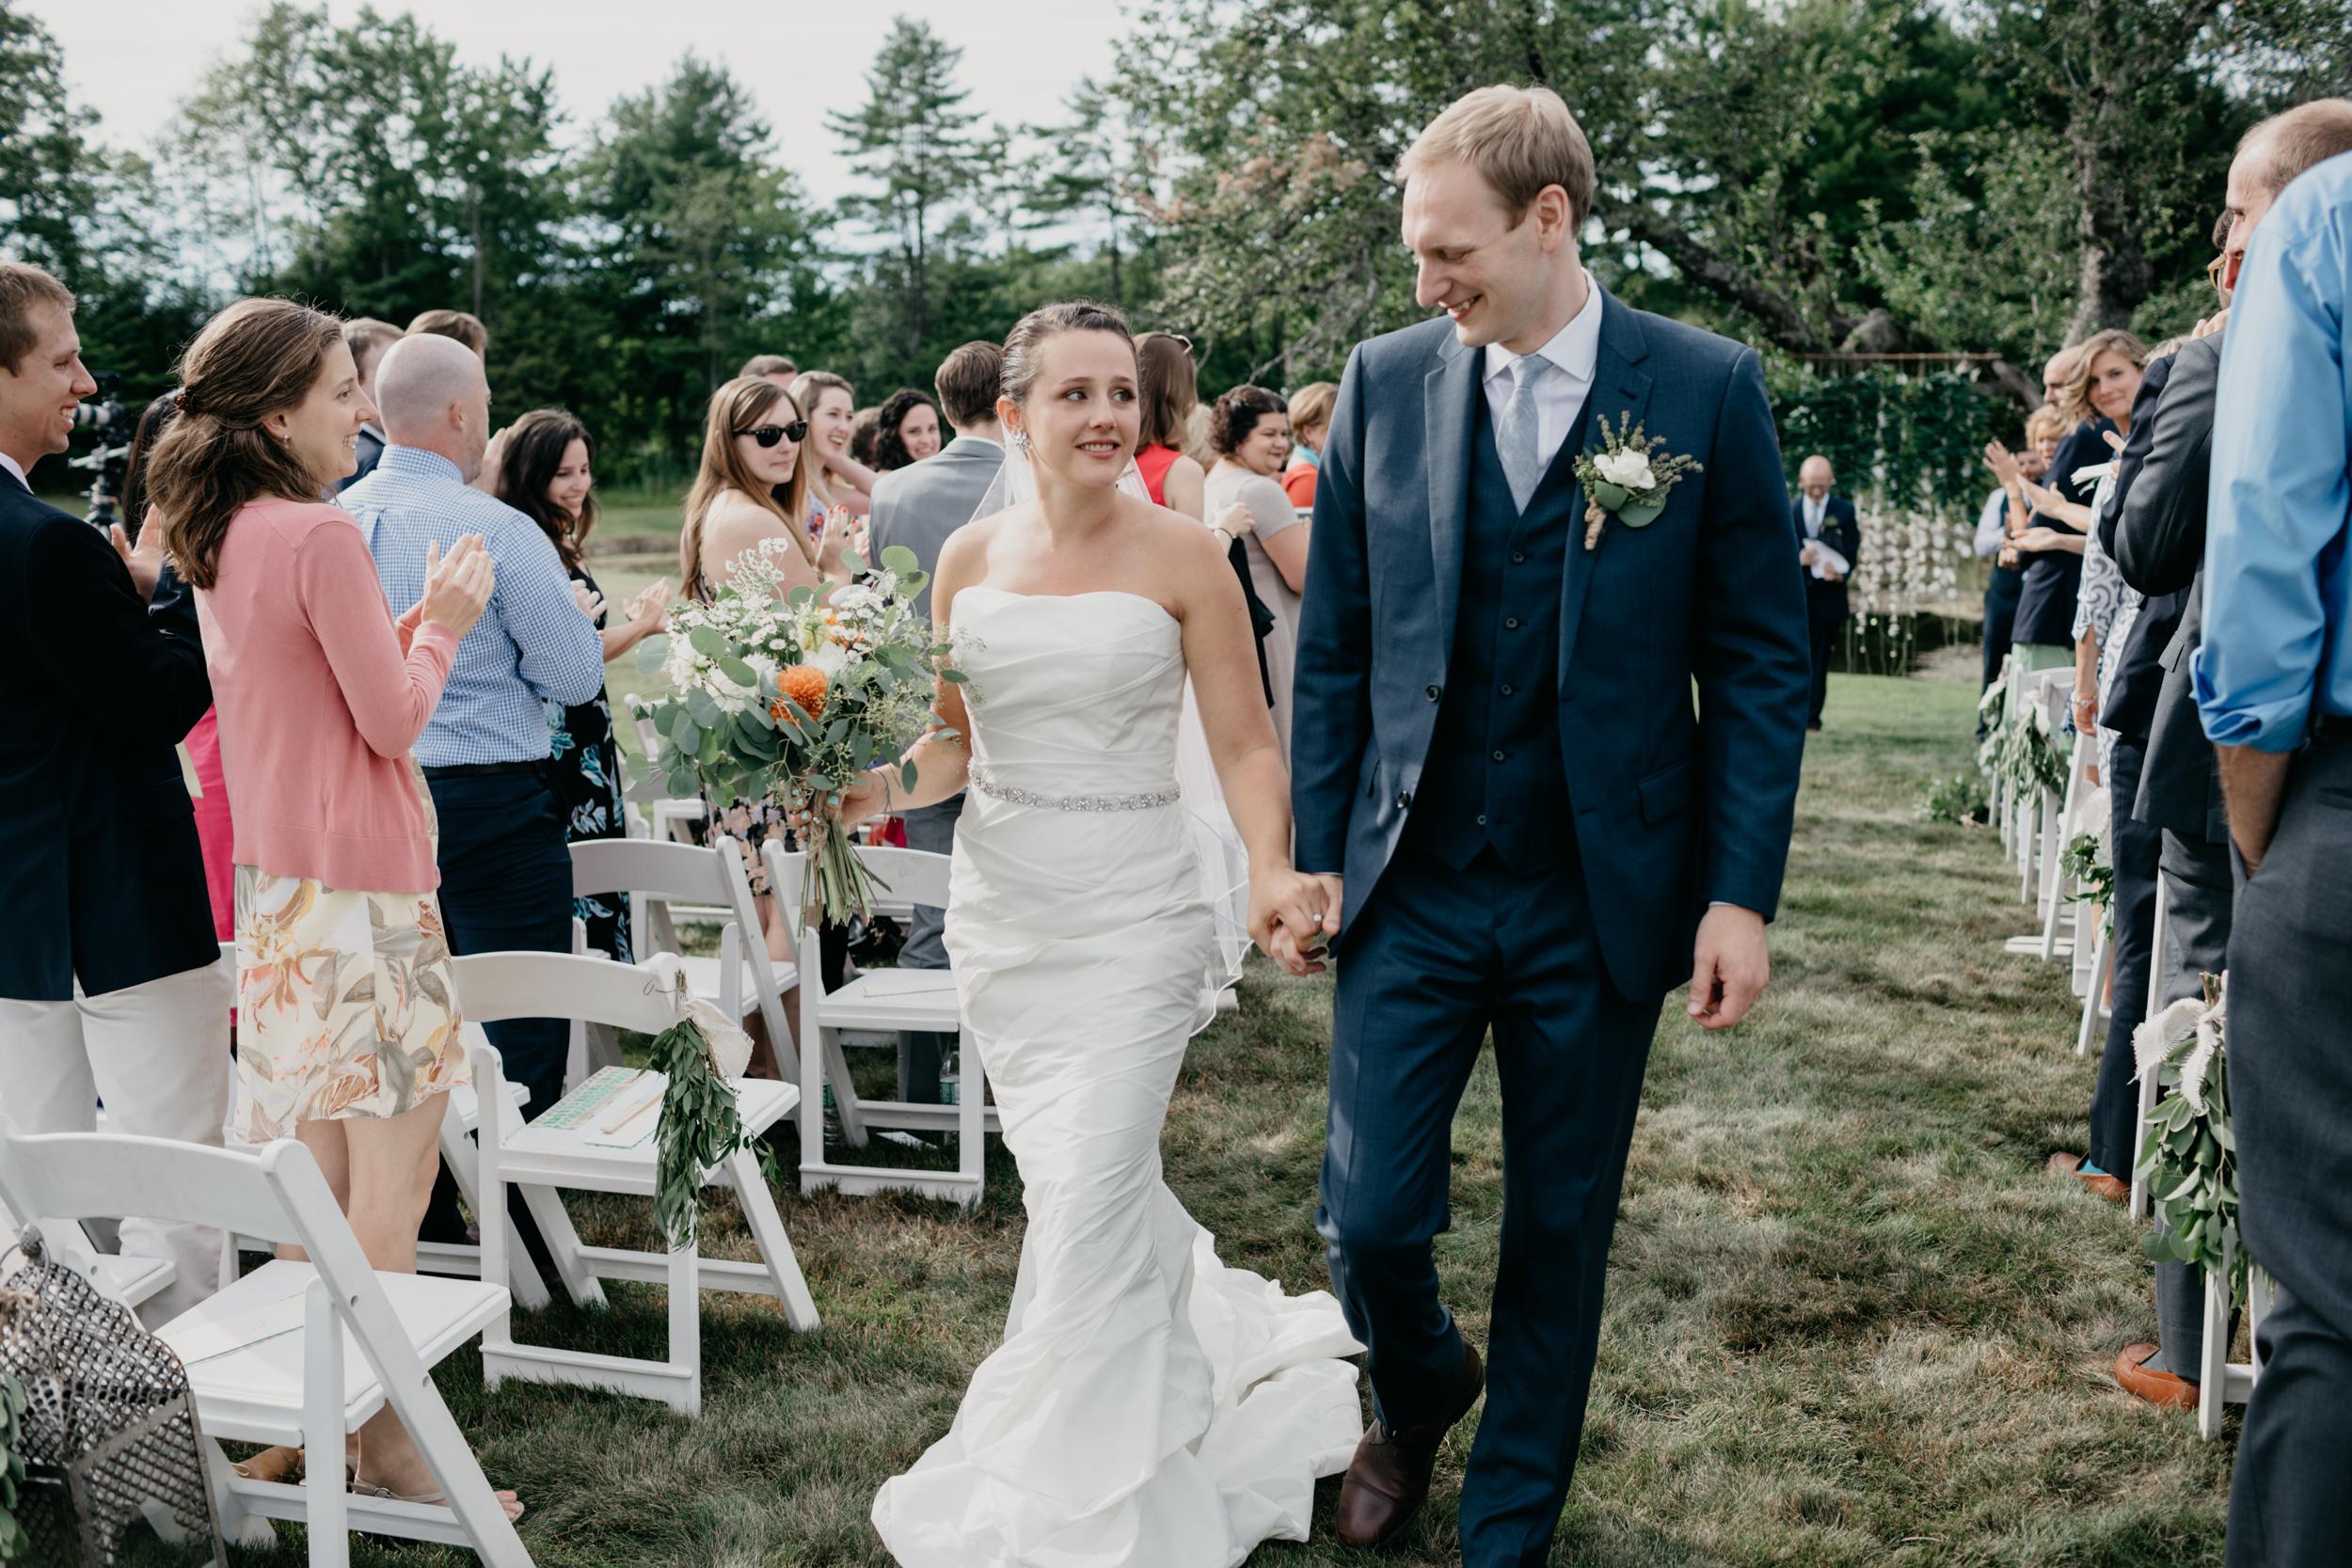 Jessie_Erik_Pownal_Maine_Wedding_William_allen_farm_030.jpg